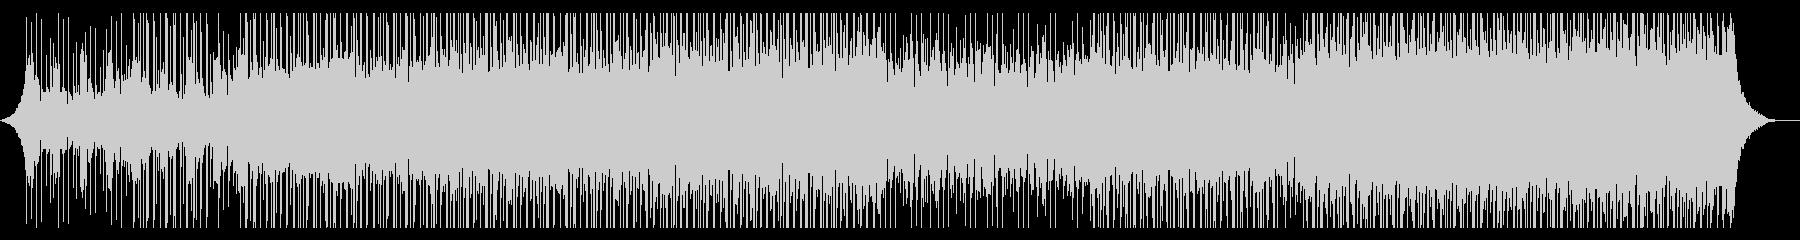 チュートリアルの未再生の波形